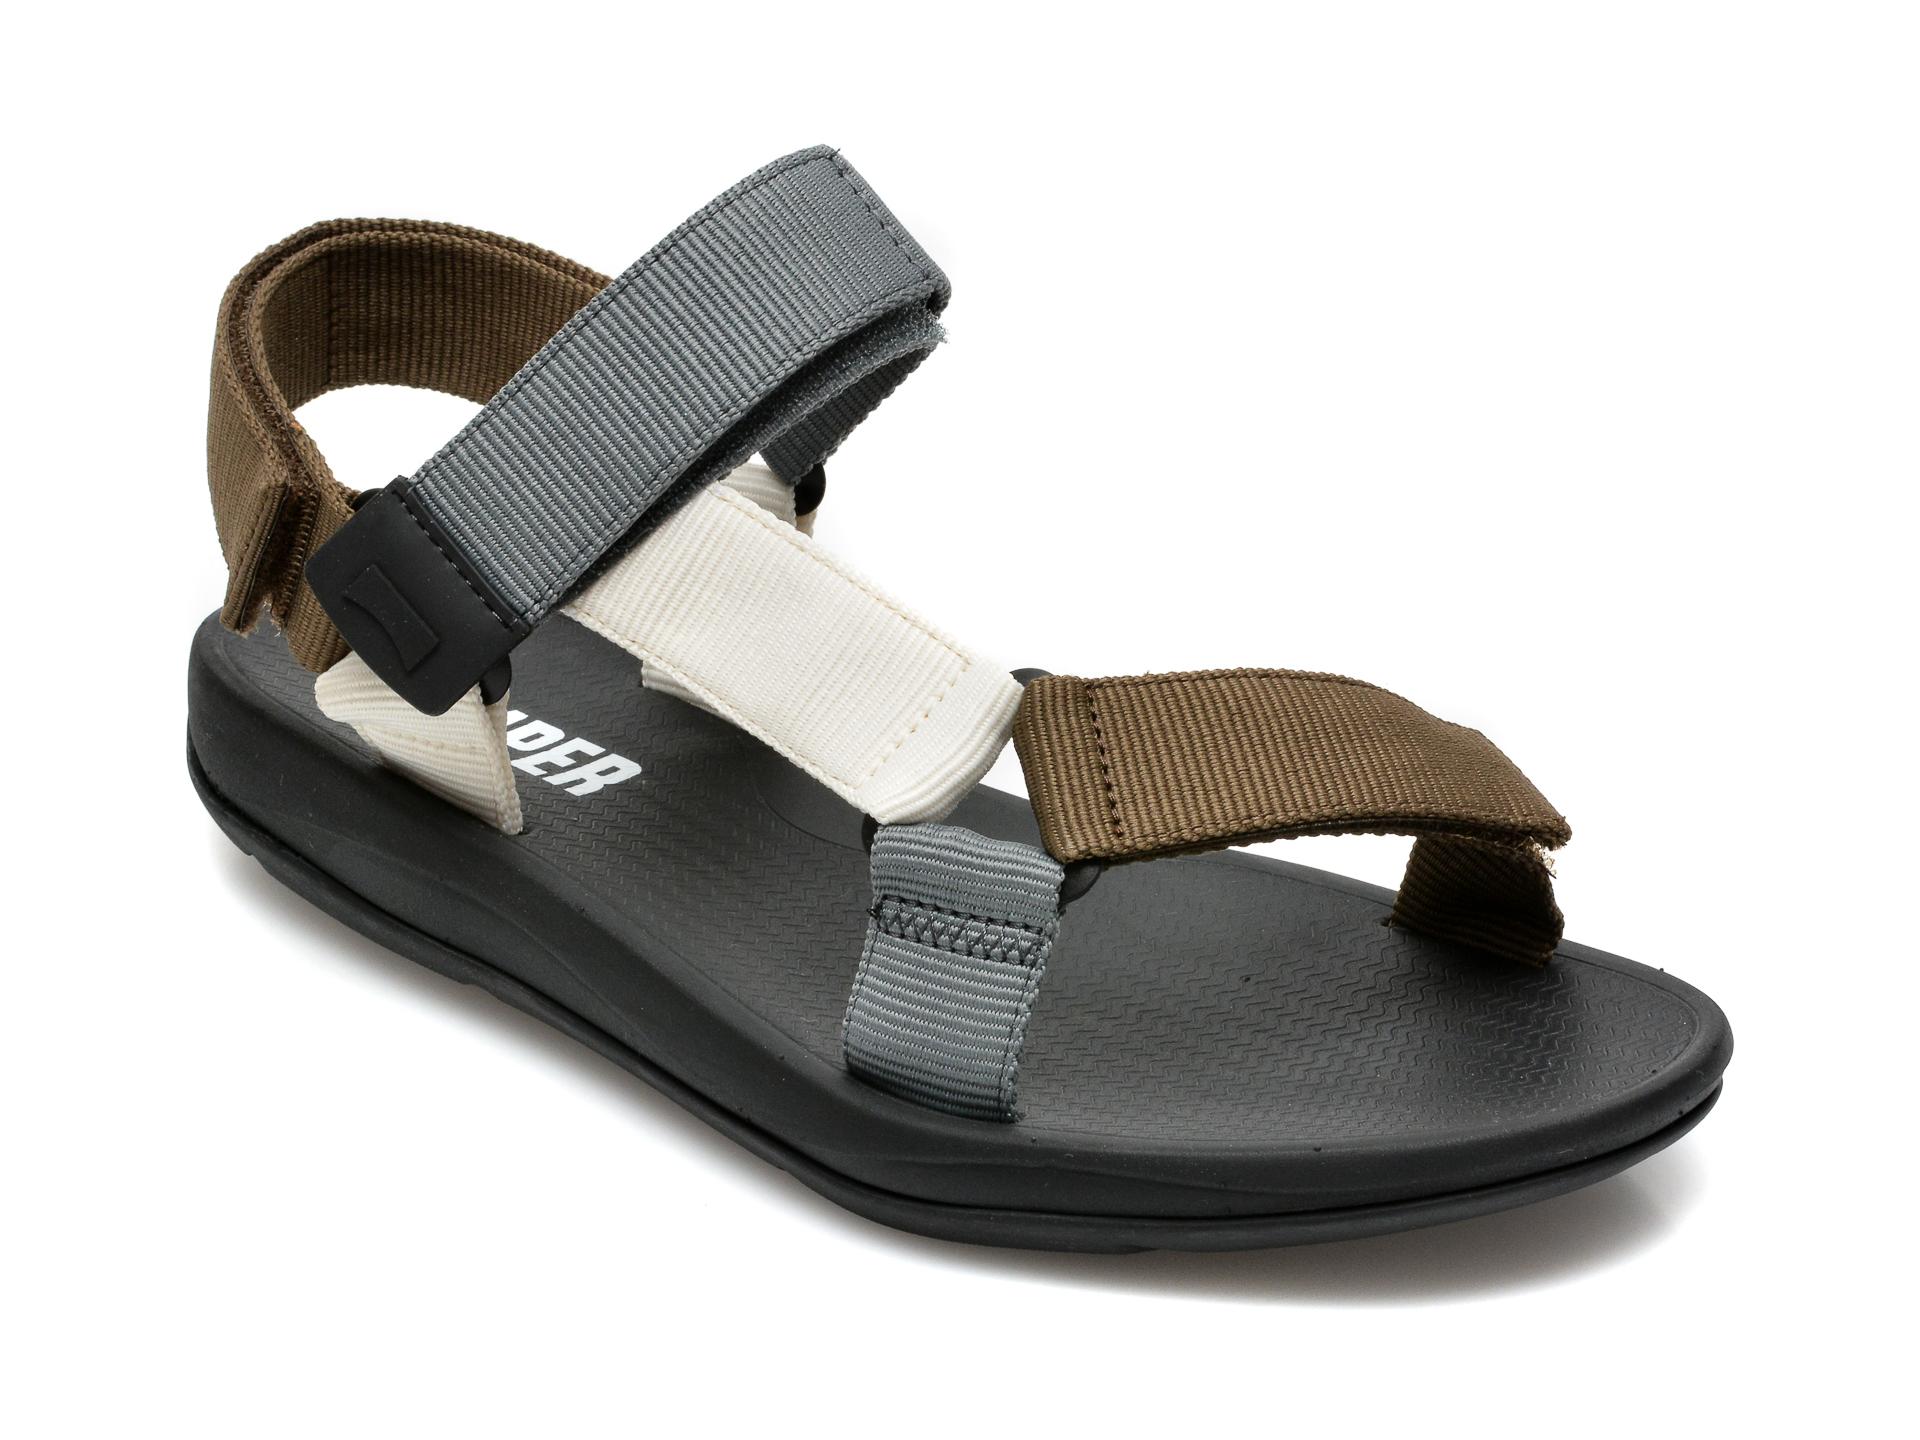 Sandale CAMPER gri, K100539, din material textil imagine otter.ro